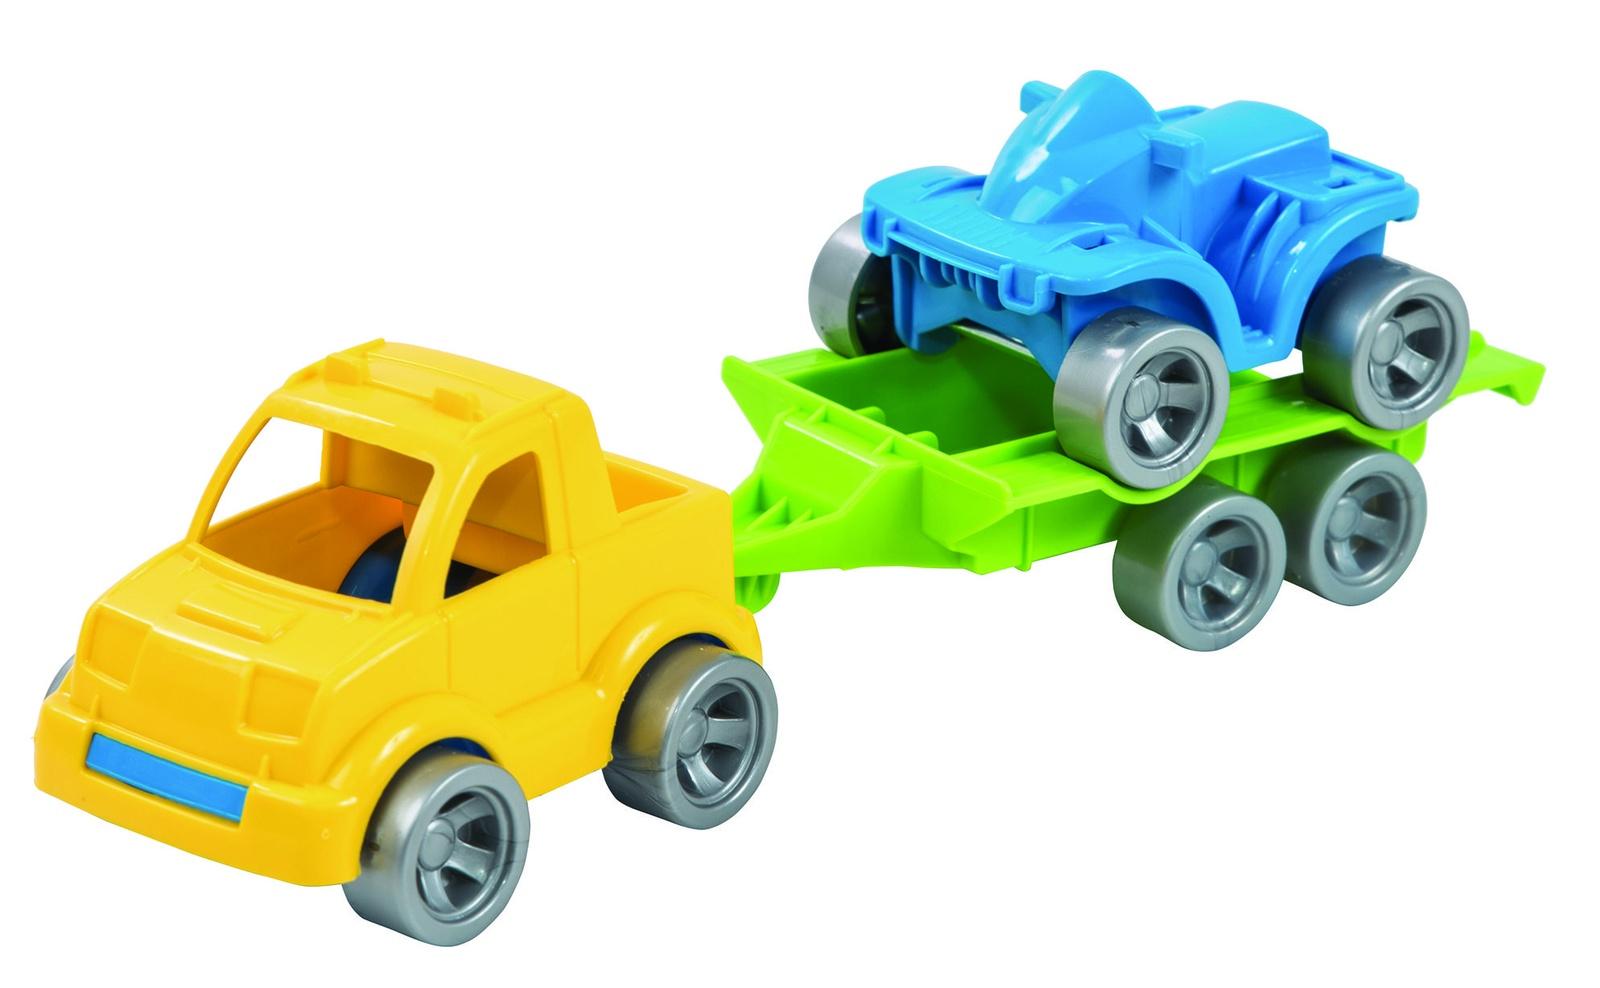 Фото - Машинка-игрушка Wader Kid cars Sport 3 эл. (Пикап + квадроцикл) разноцветный авто